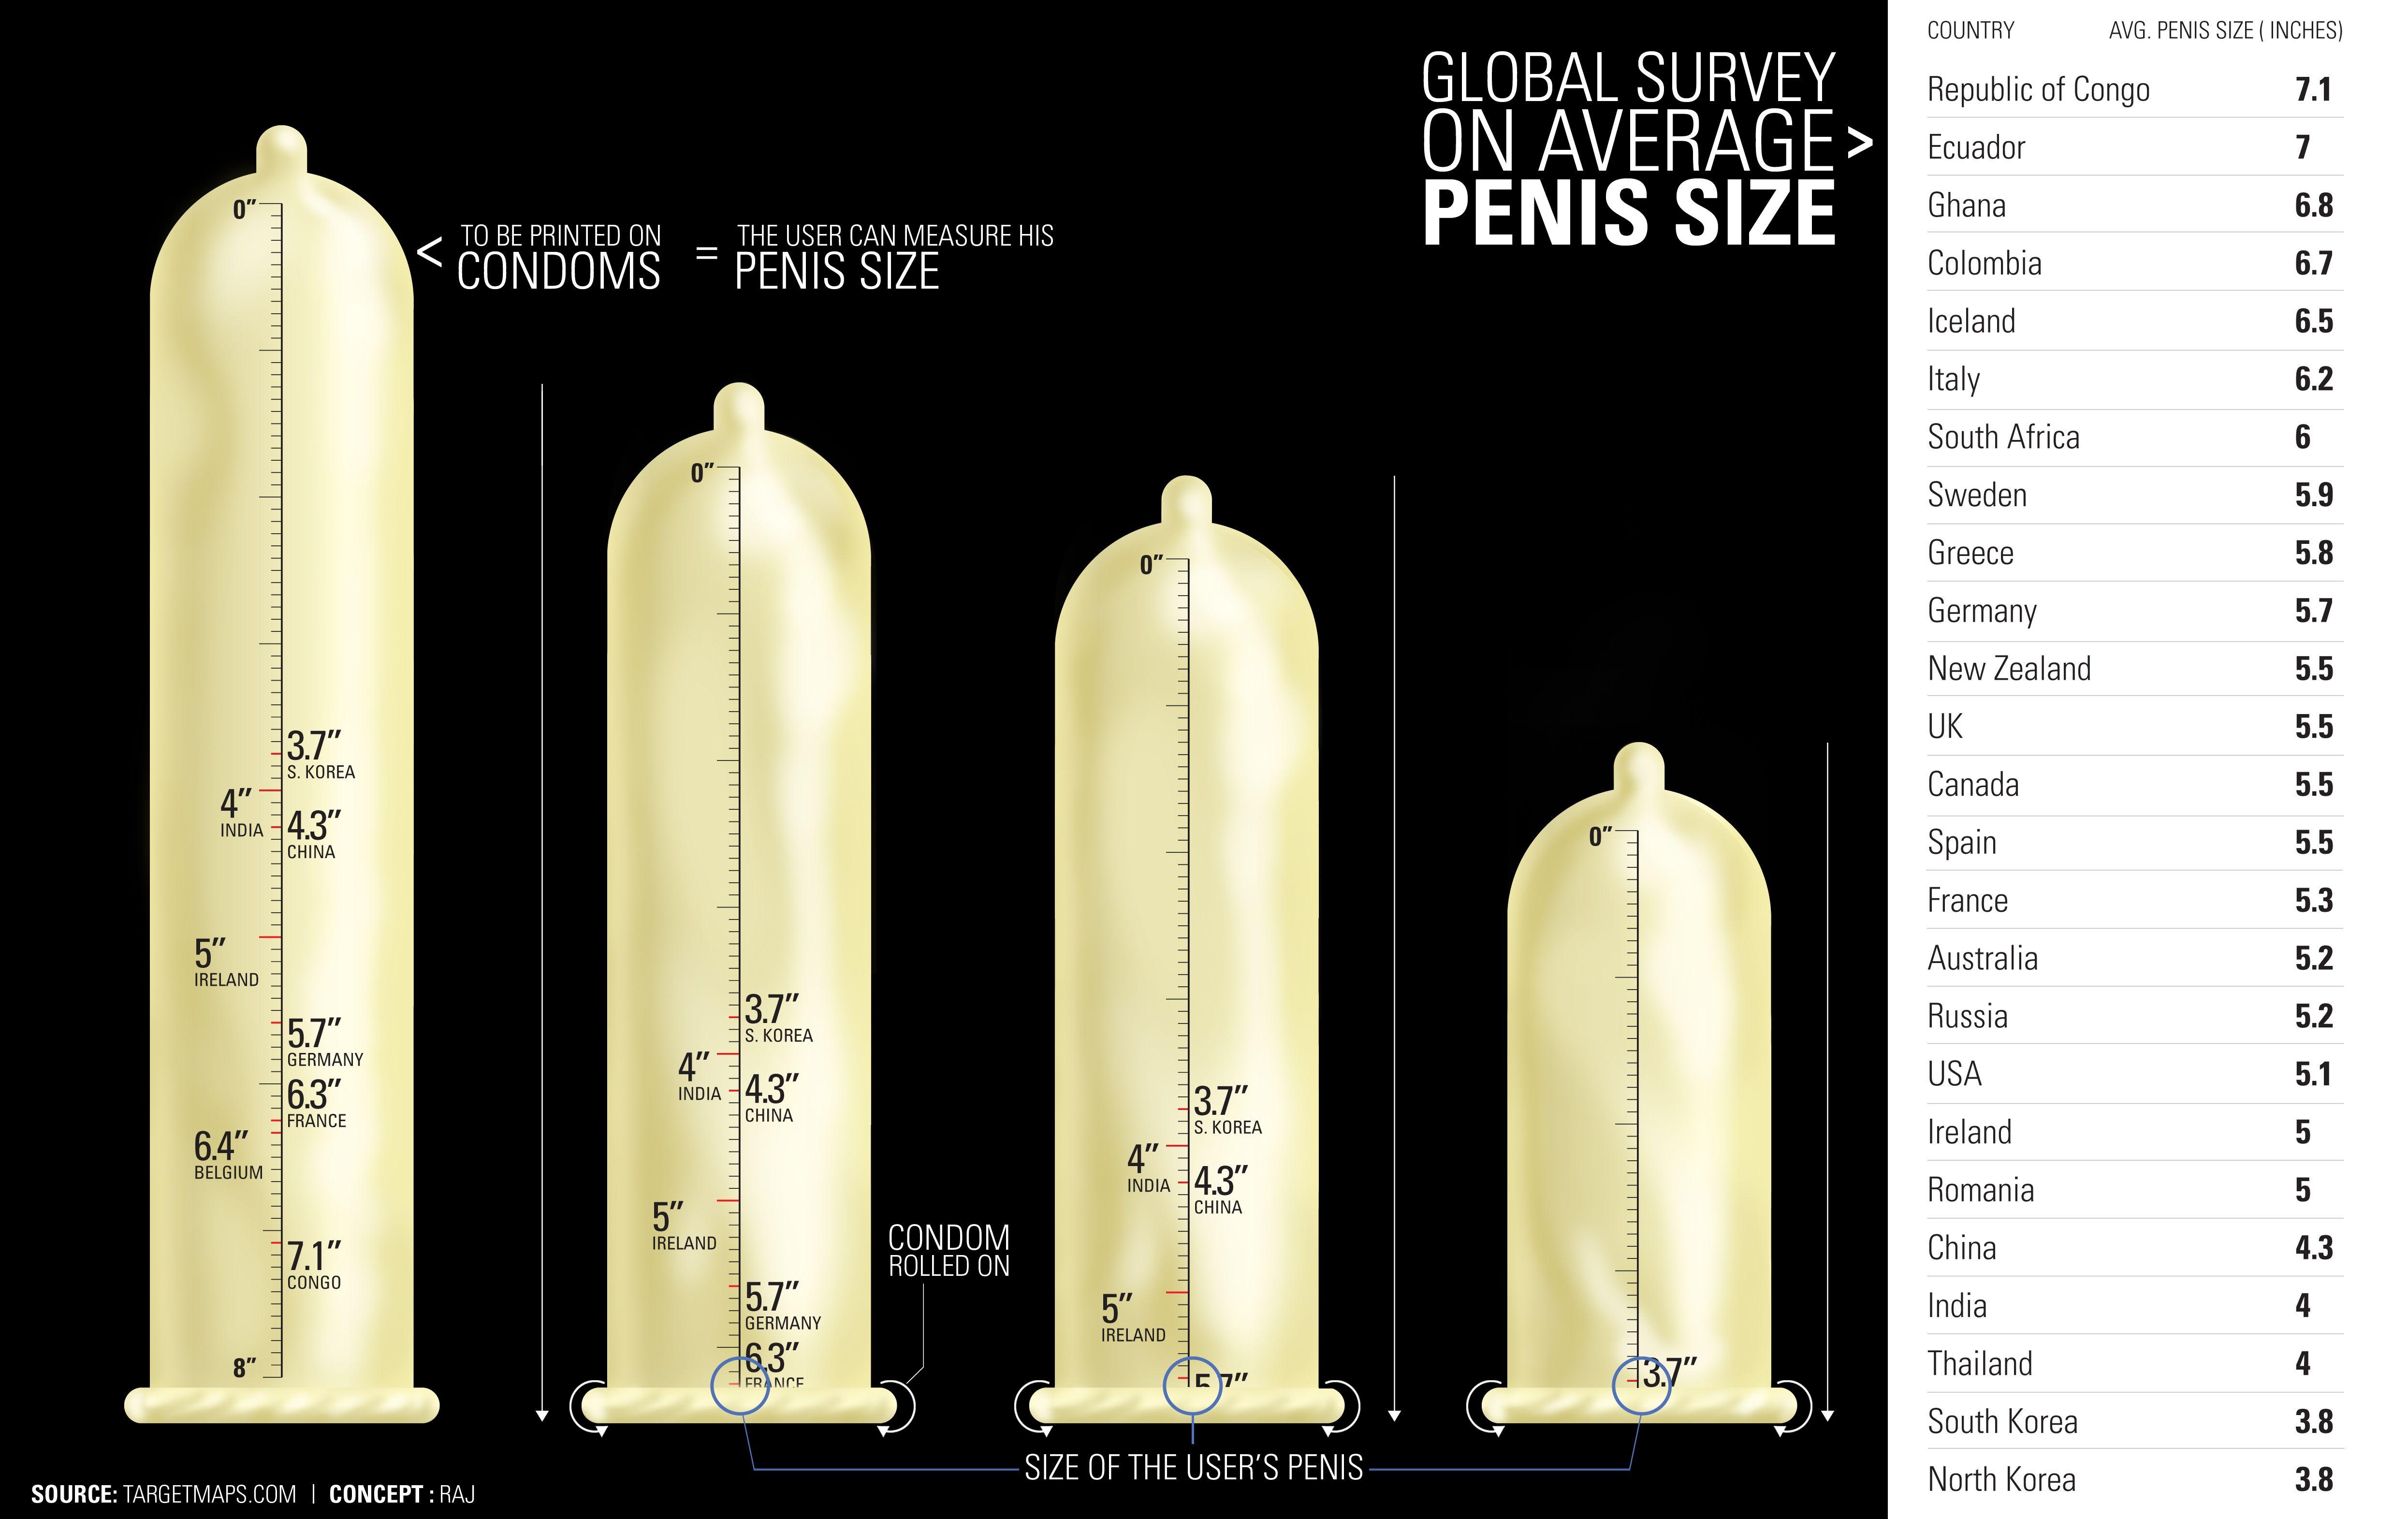 4 inch peni